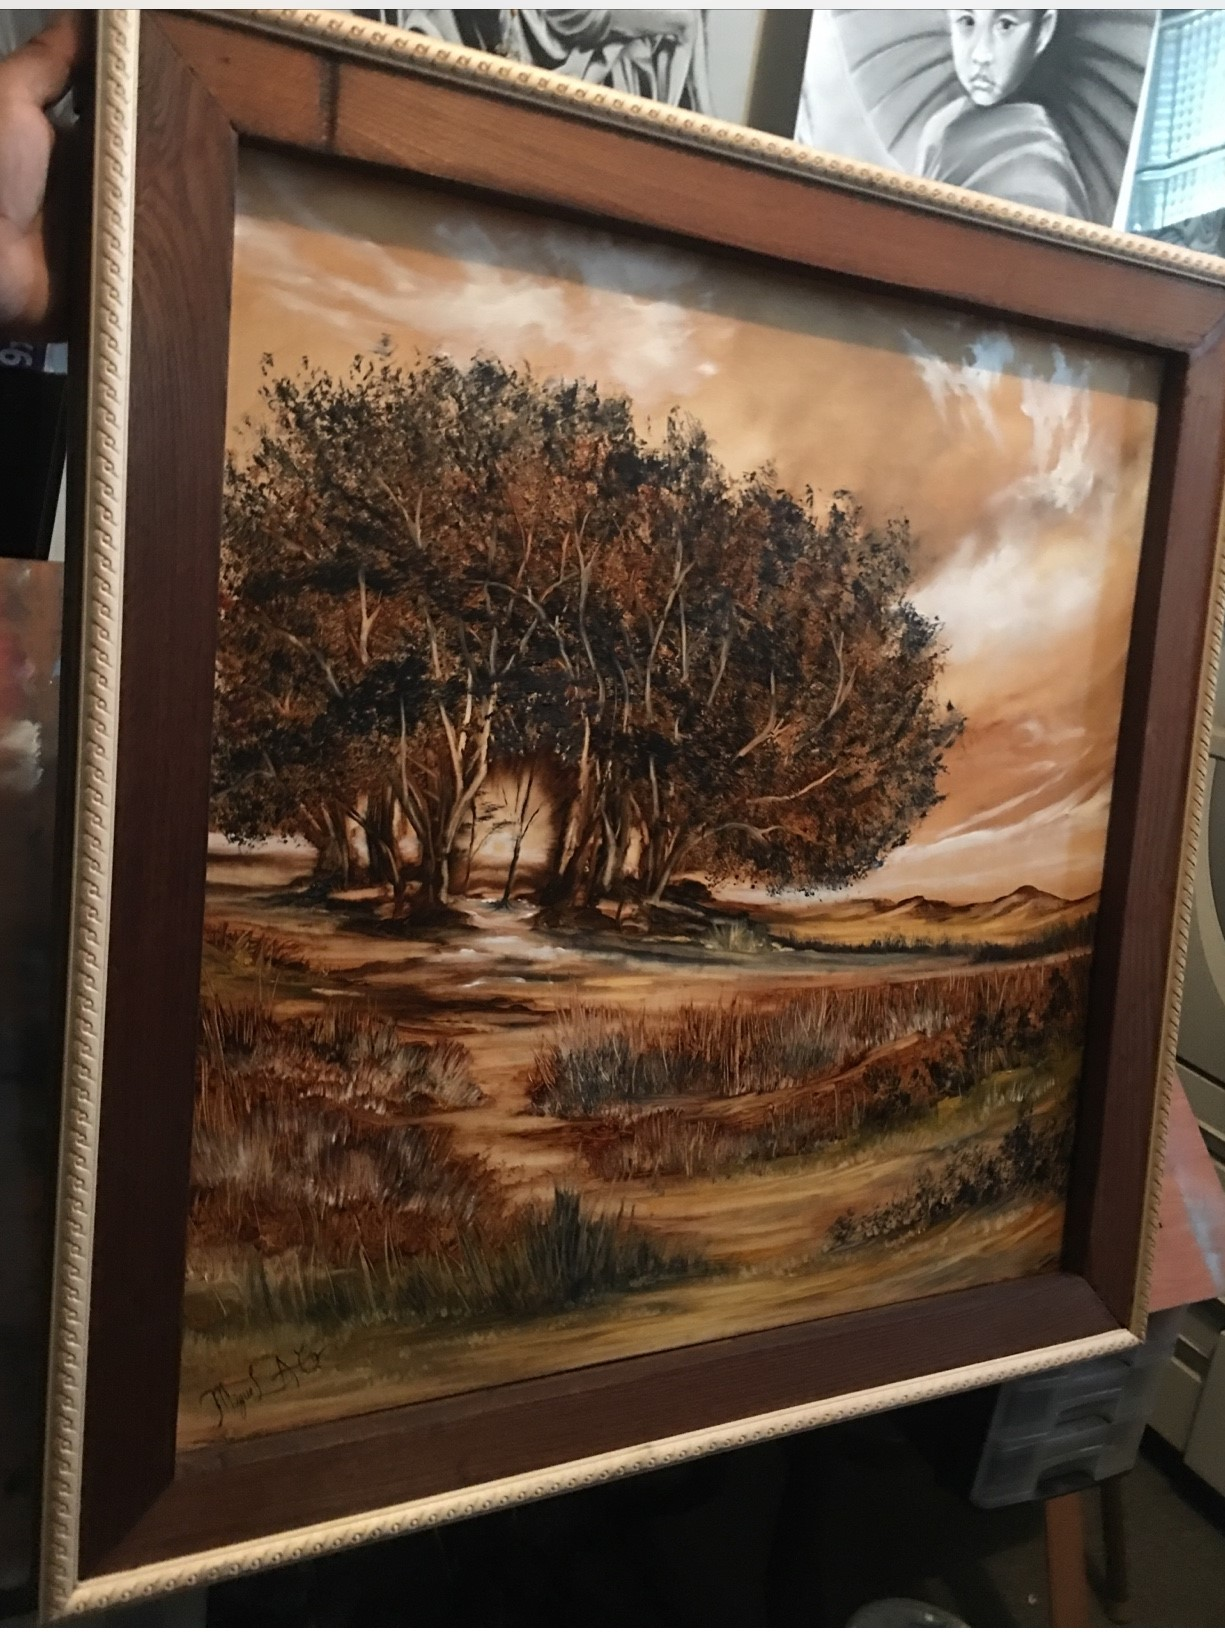 Mi jornada, óleo en panel de madera, 25 in. x 24 in. - NFS, no está en venta - cropped